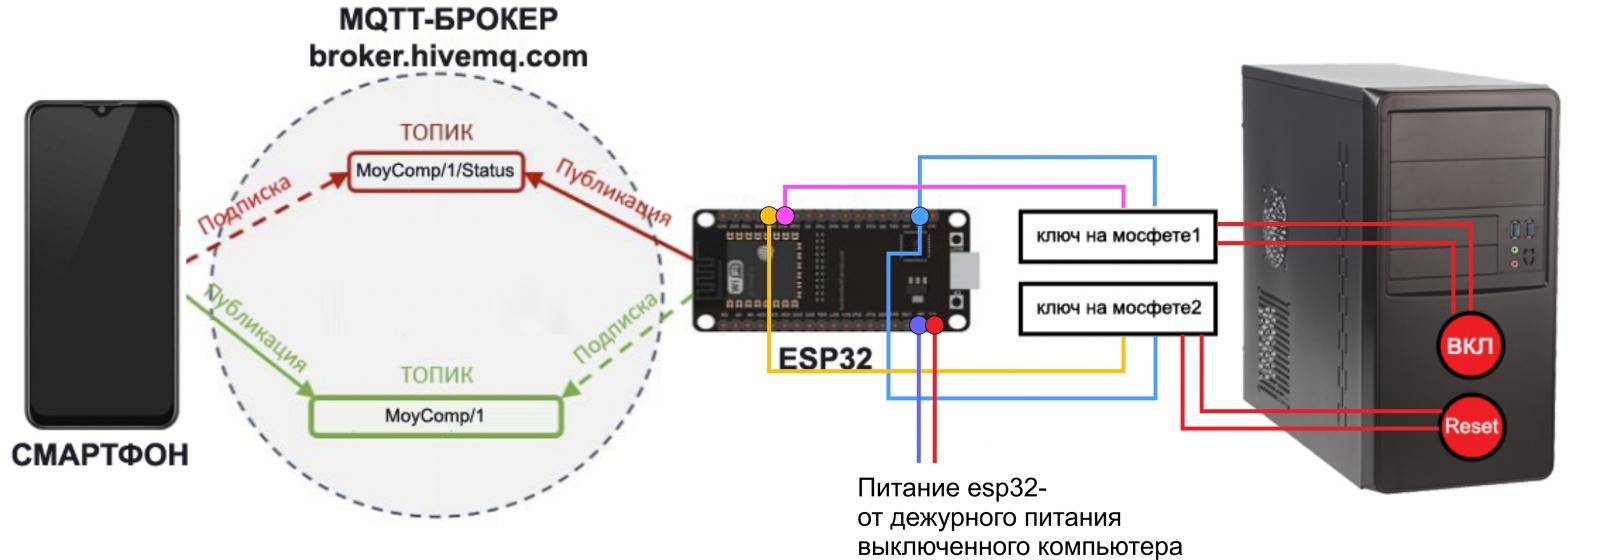 Удалённое управление питанием и перезагрузкой компьютера, при помощи внешнего девайса - 10